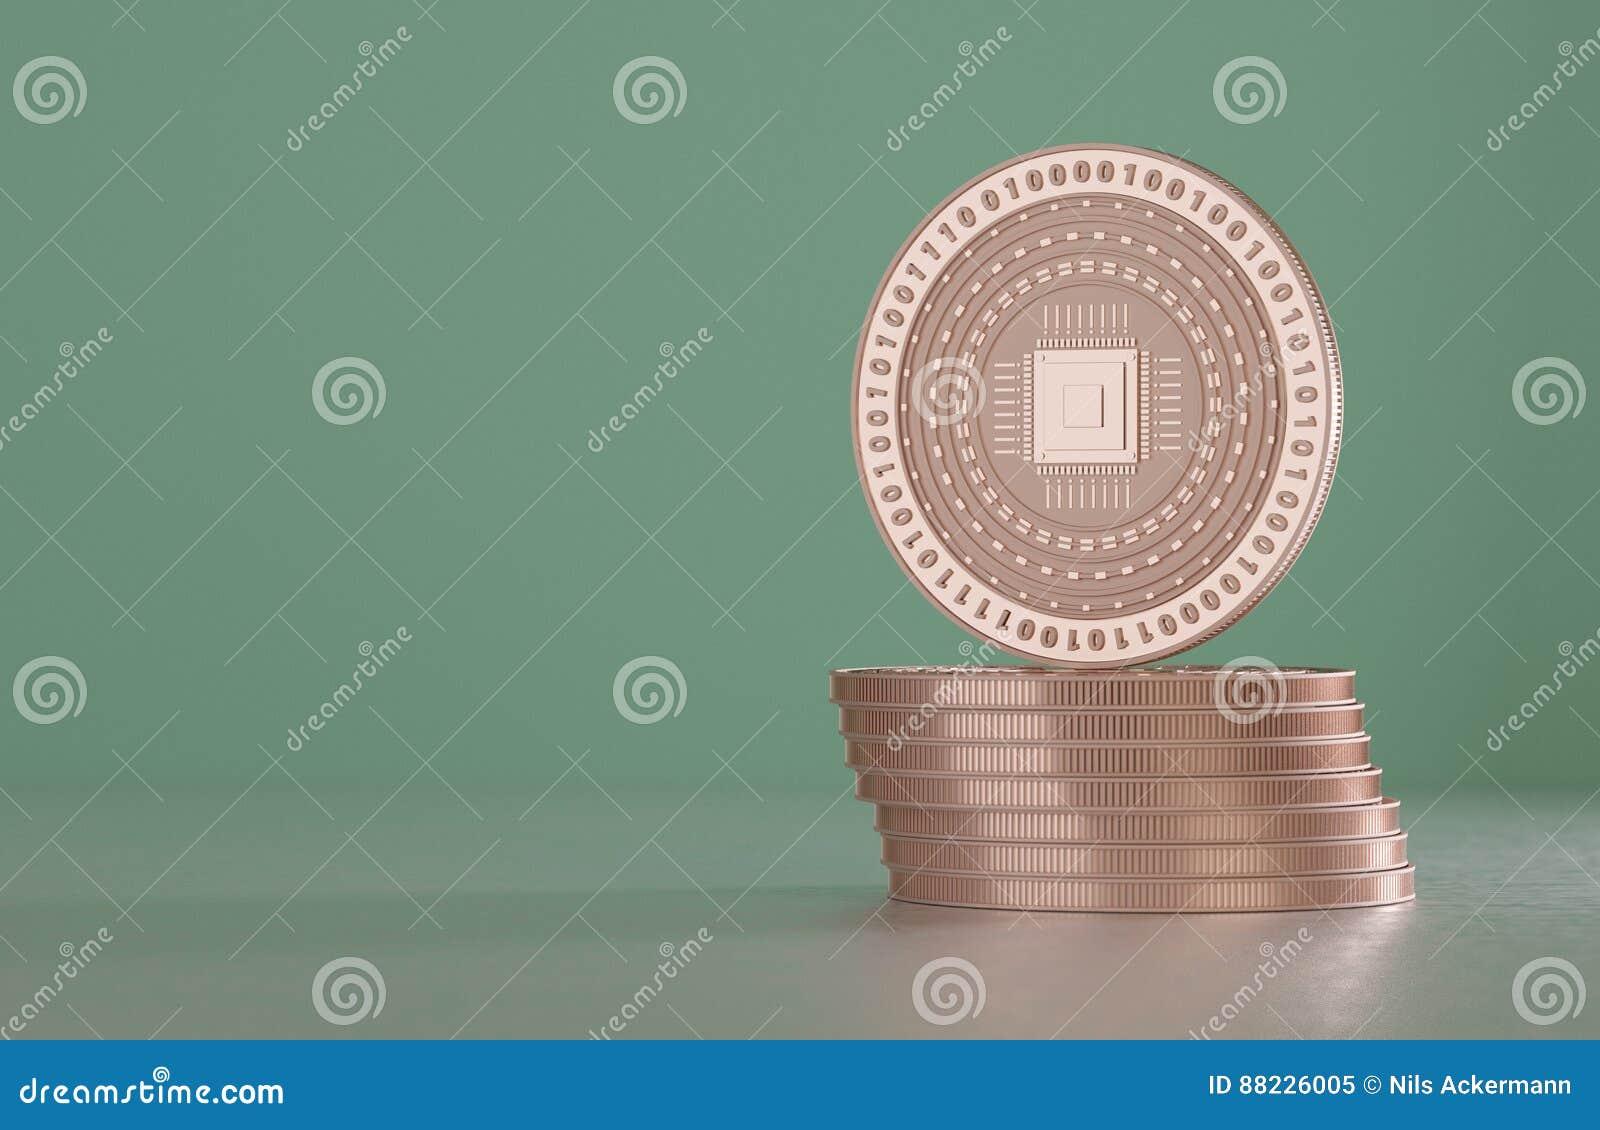 Fußboden Aus Kupfermünzen ~ Stapel kupfermünzen als beispiel für virtuelle schlüsselwährungs